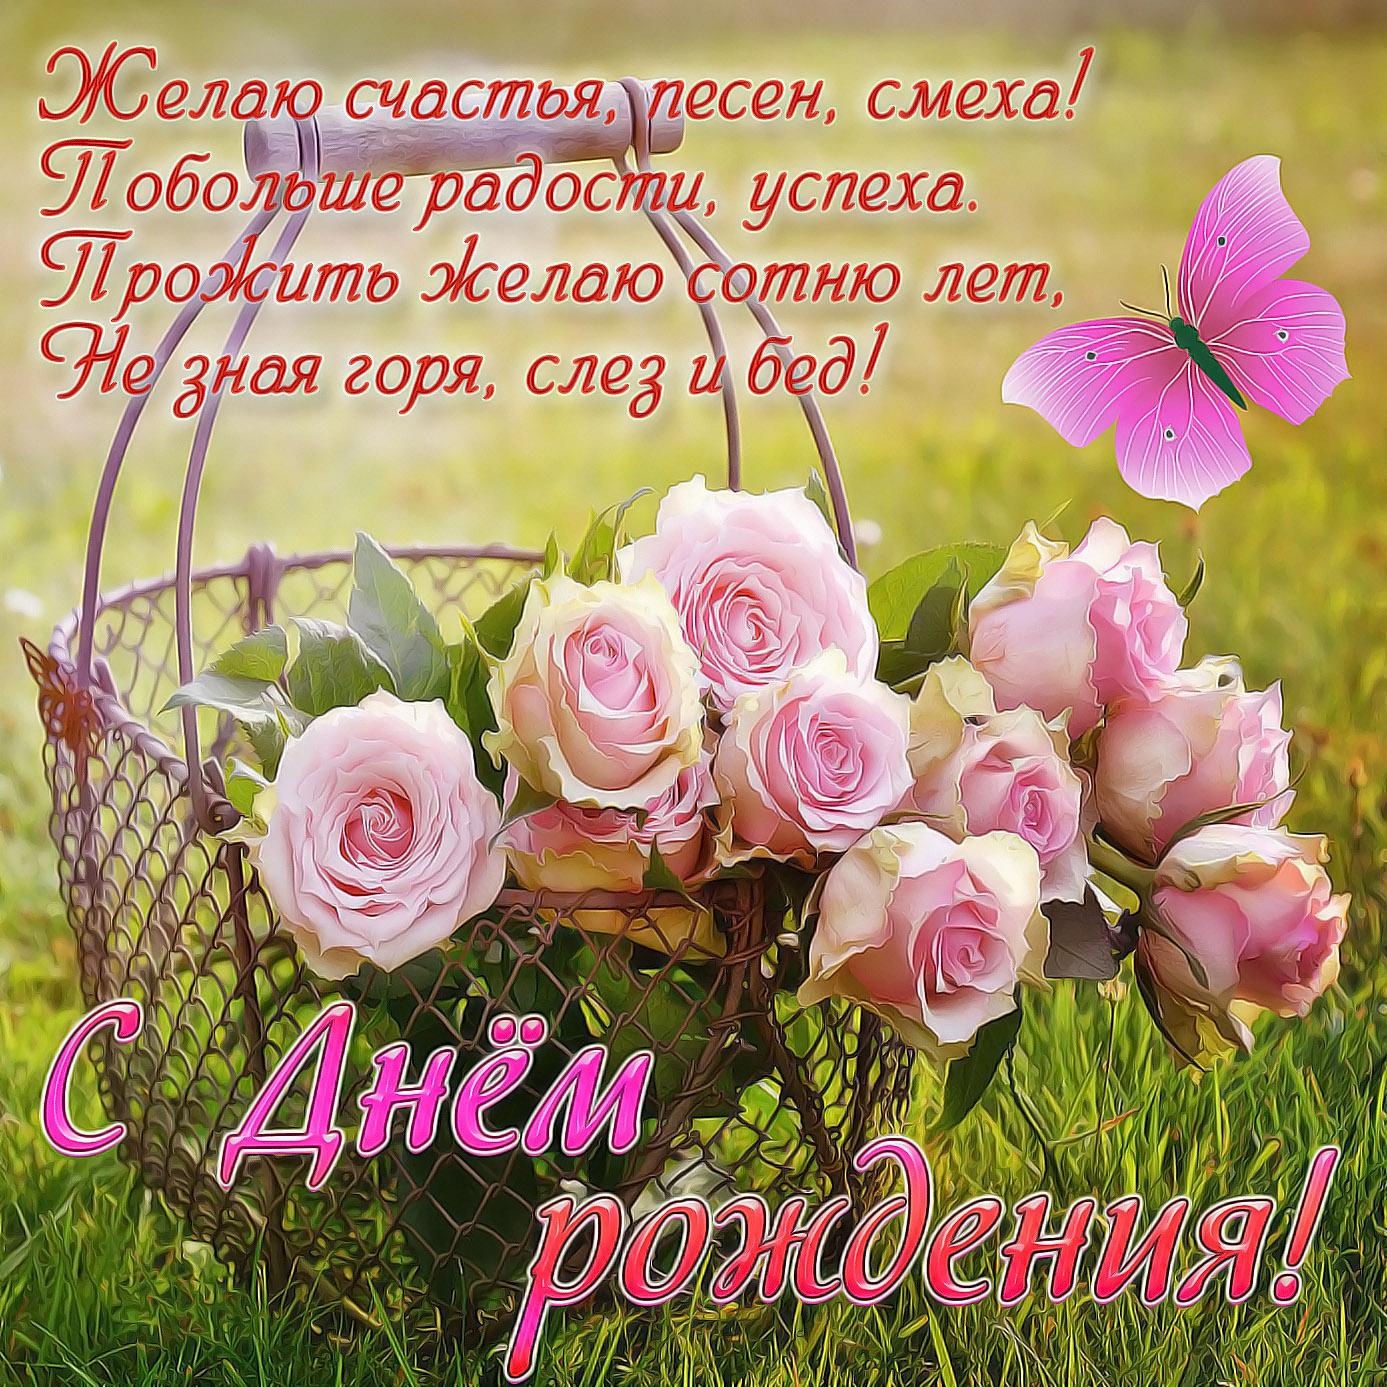 Картинка с пожеланием и корзиной цветов